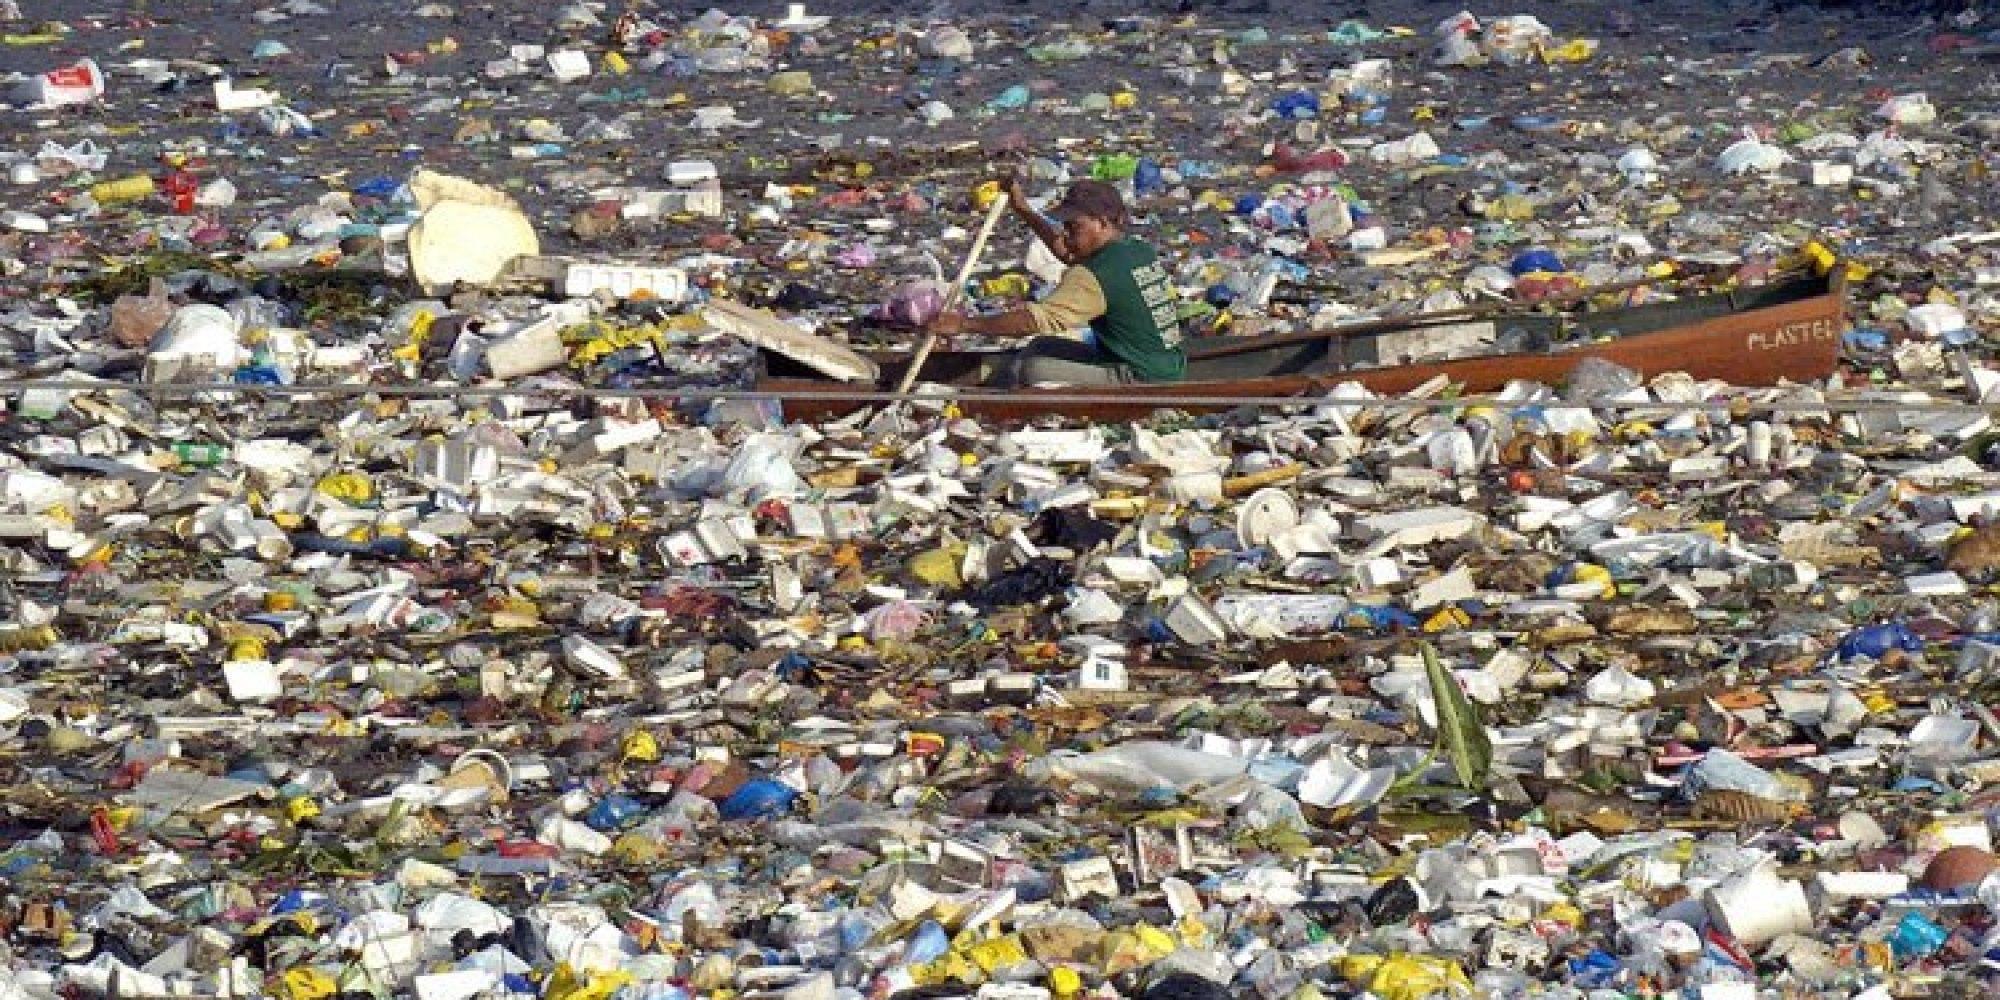 """Résultat de recherche d'images pour """"septième continent plastique"""""""